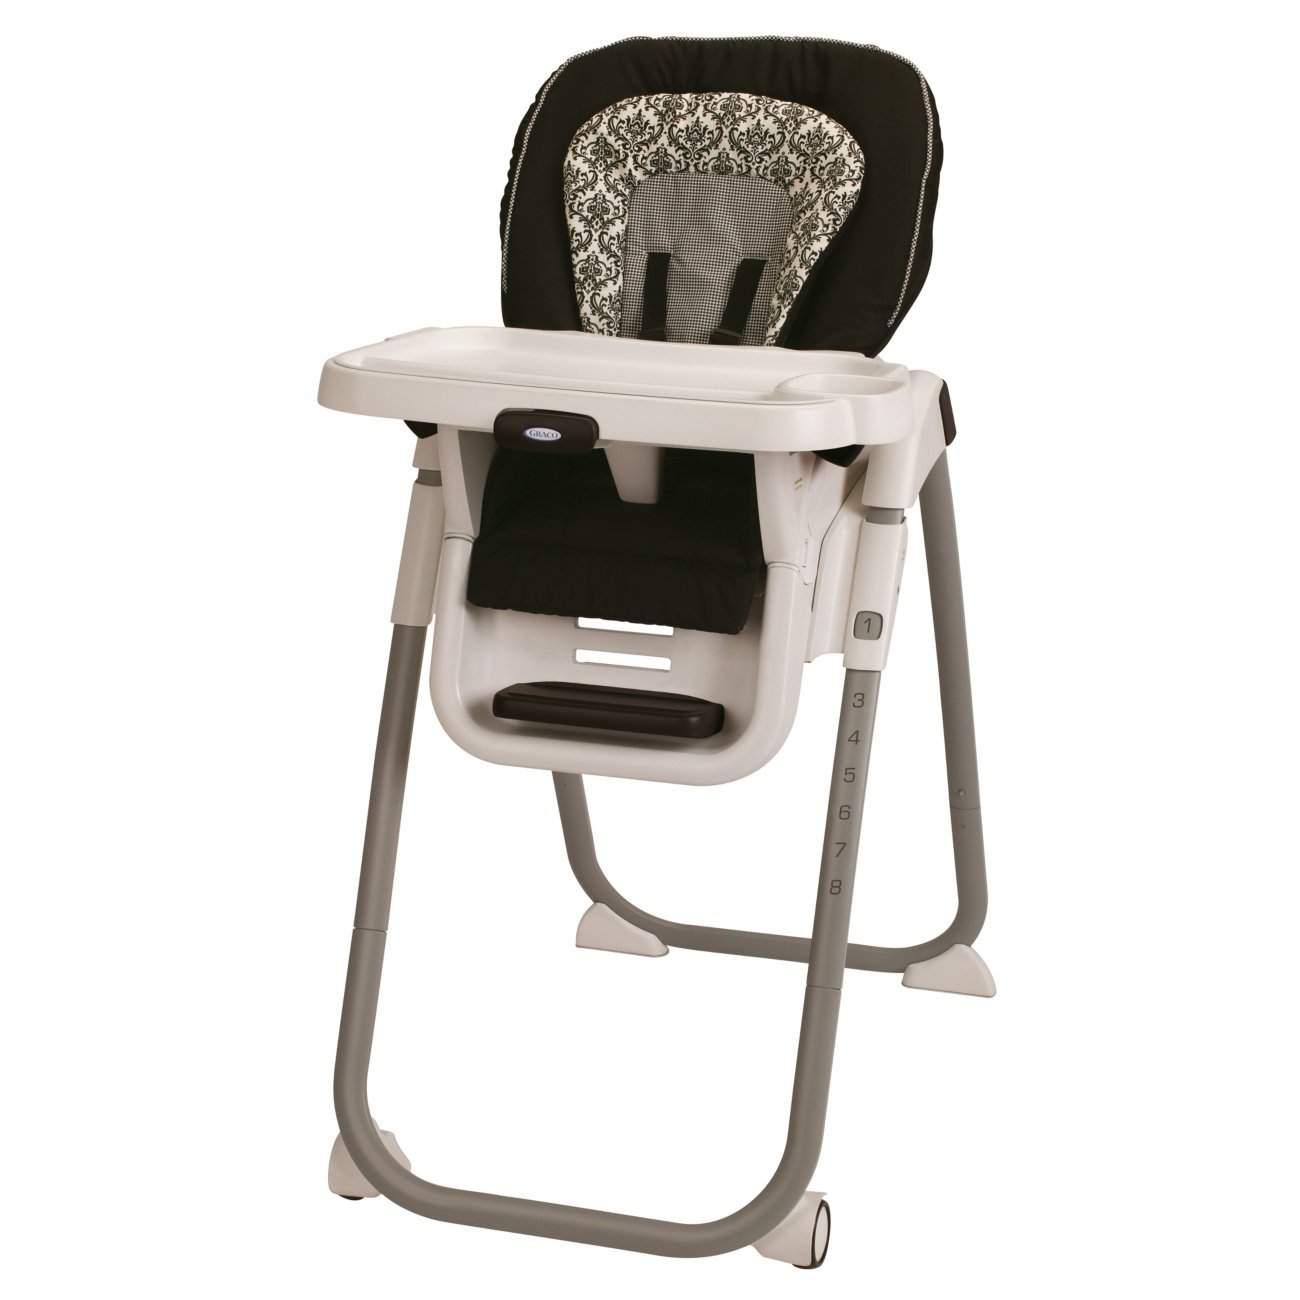 boon flair high chair